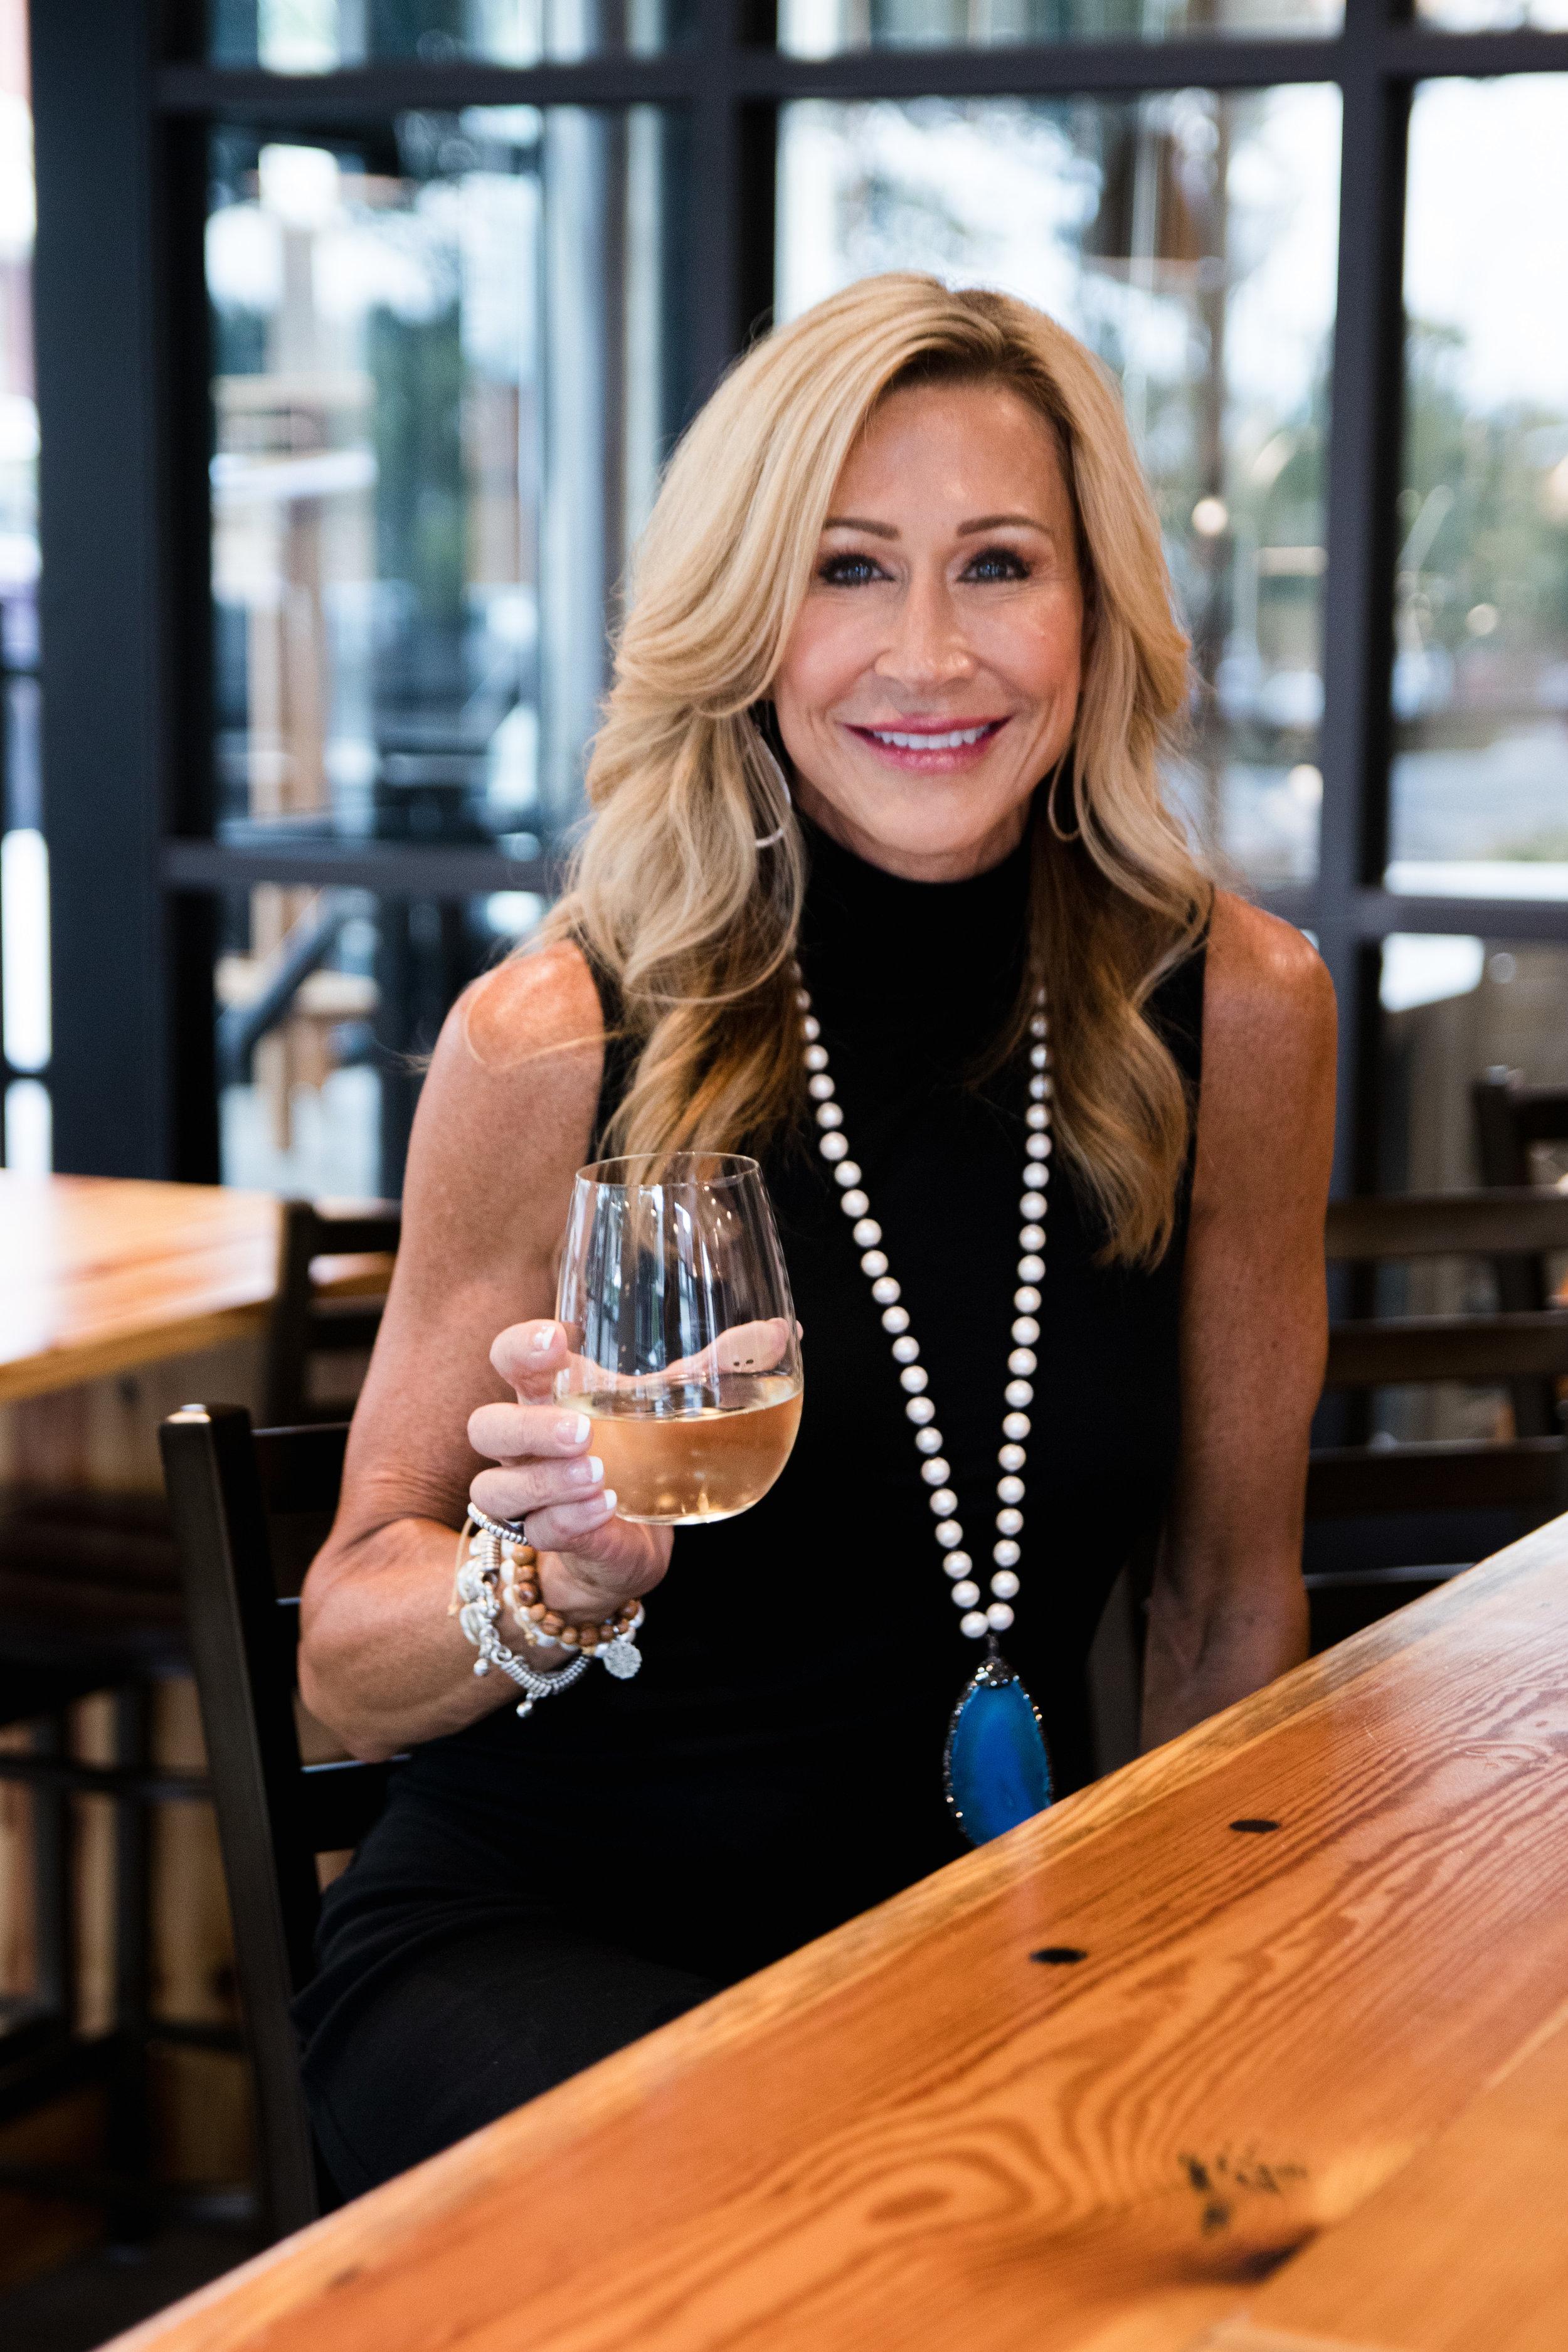 Black Target dress with Julie Miles necklace - Crazy Blonde Life